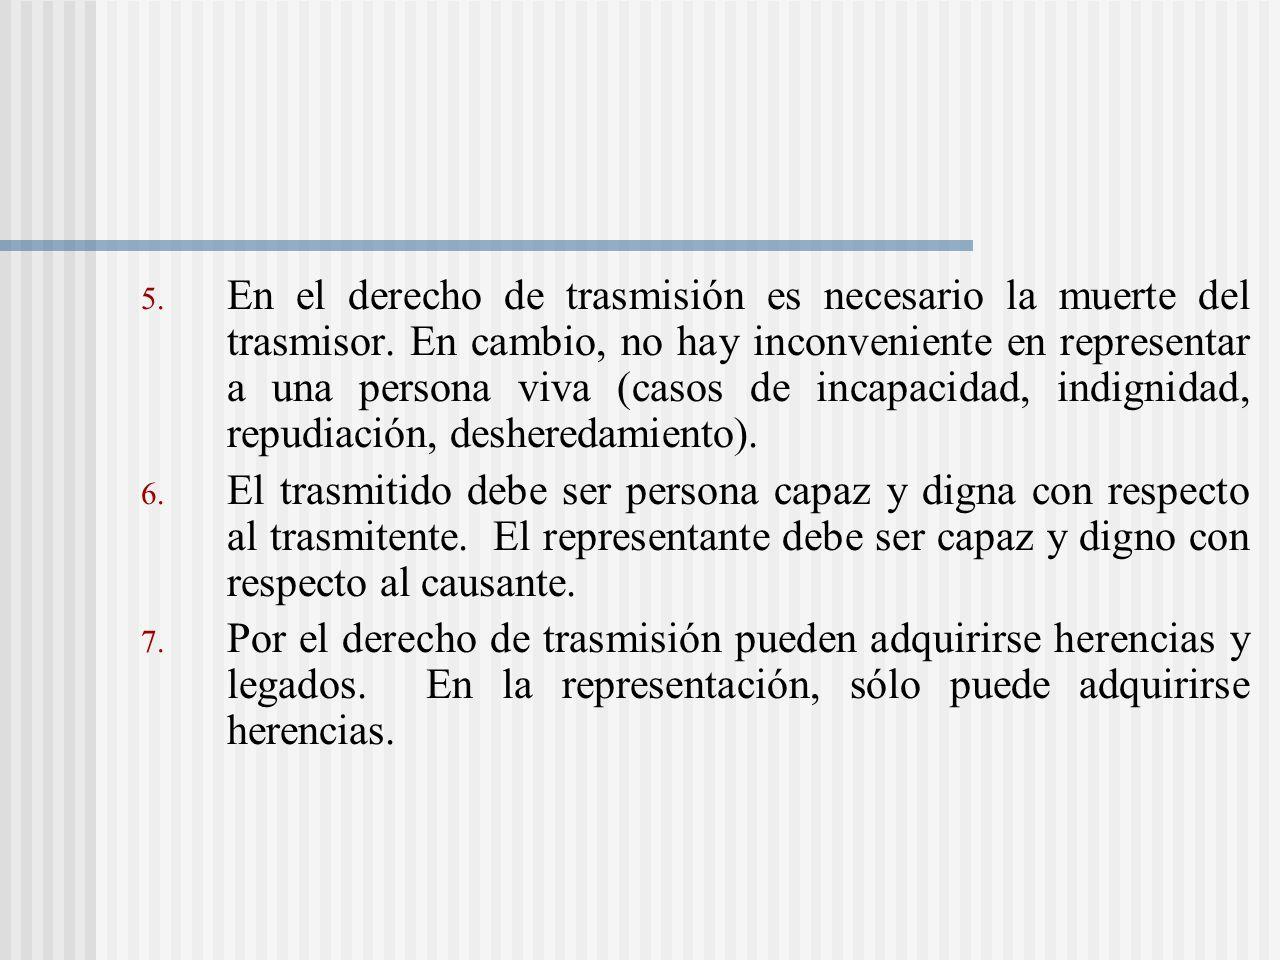 En el derecho de trasmisión es necesario la muerte del trasmisor